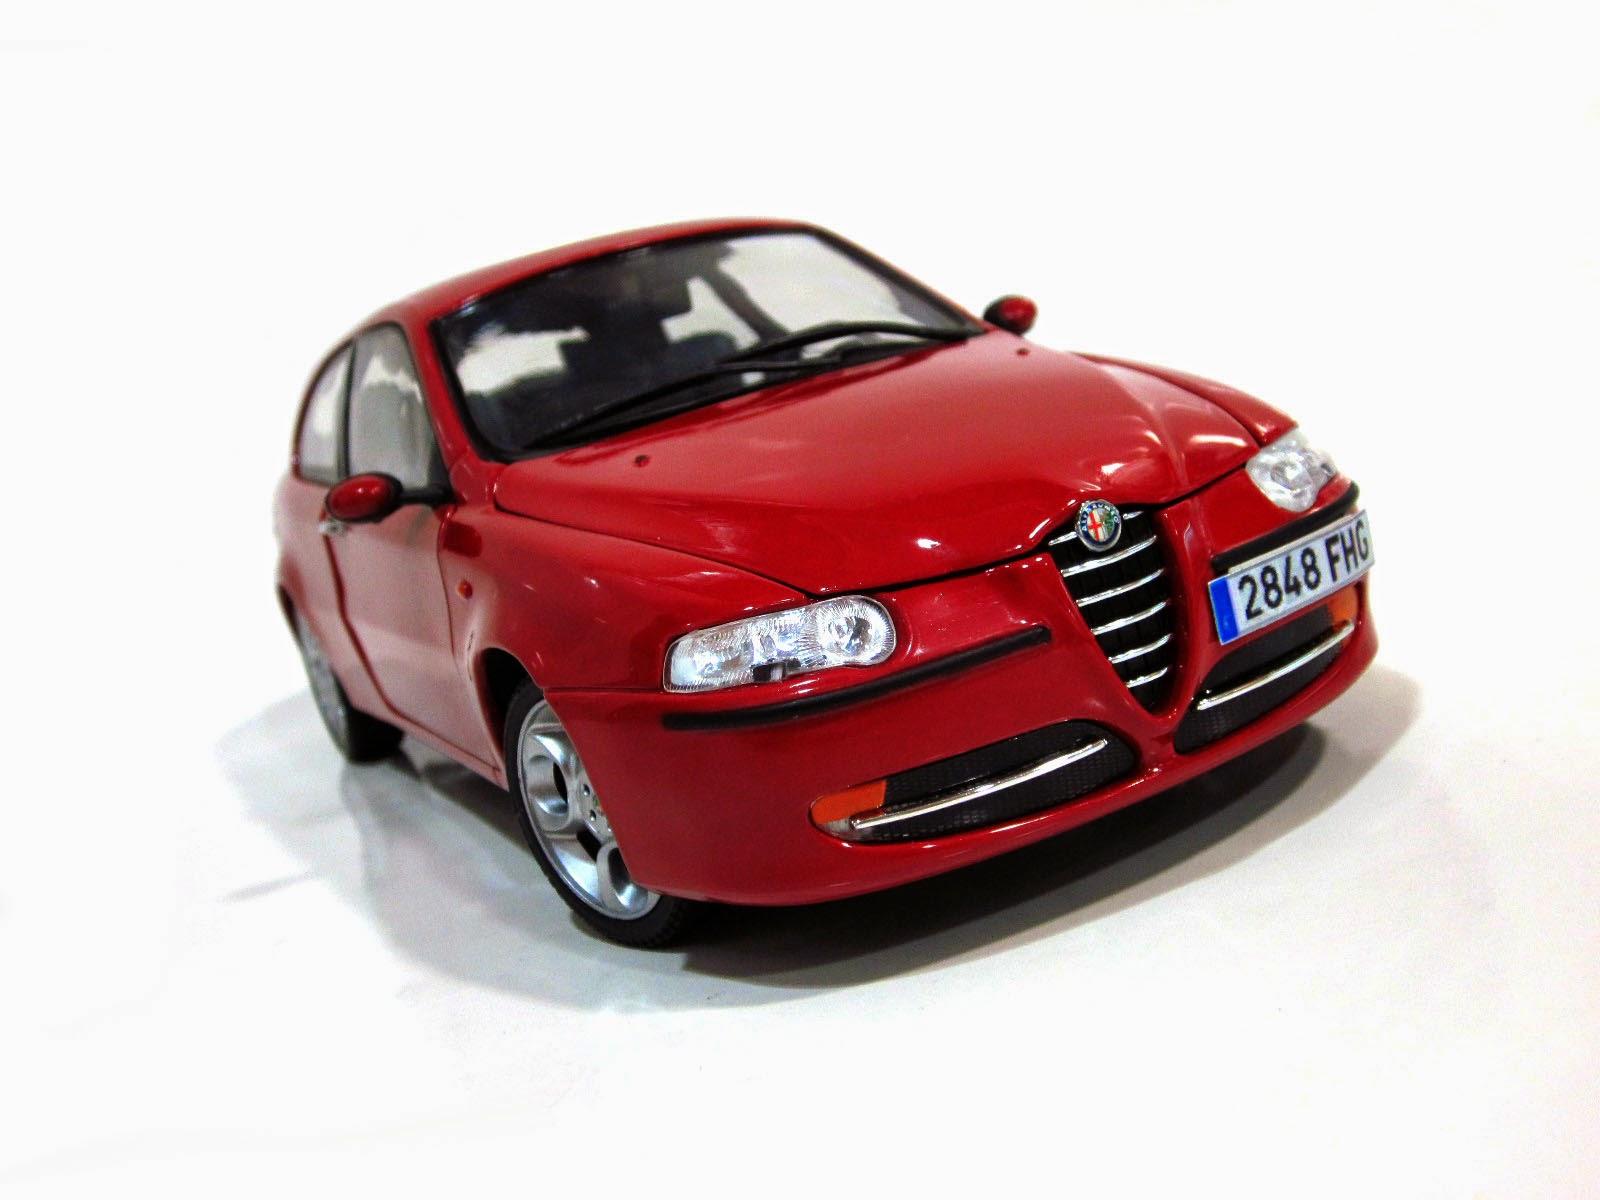 Alfa Romeo 147 1.9 JTD '01 - RickoRicko